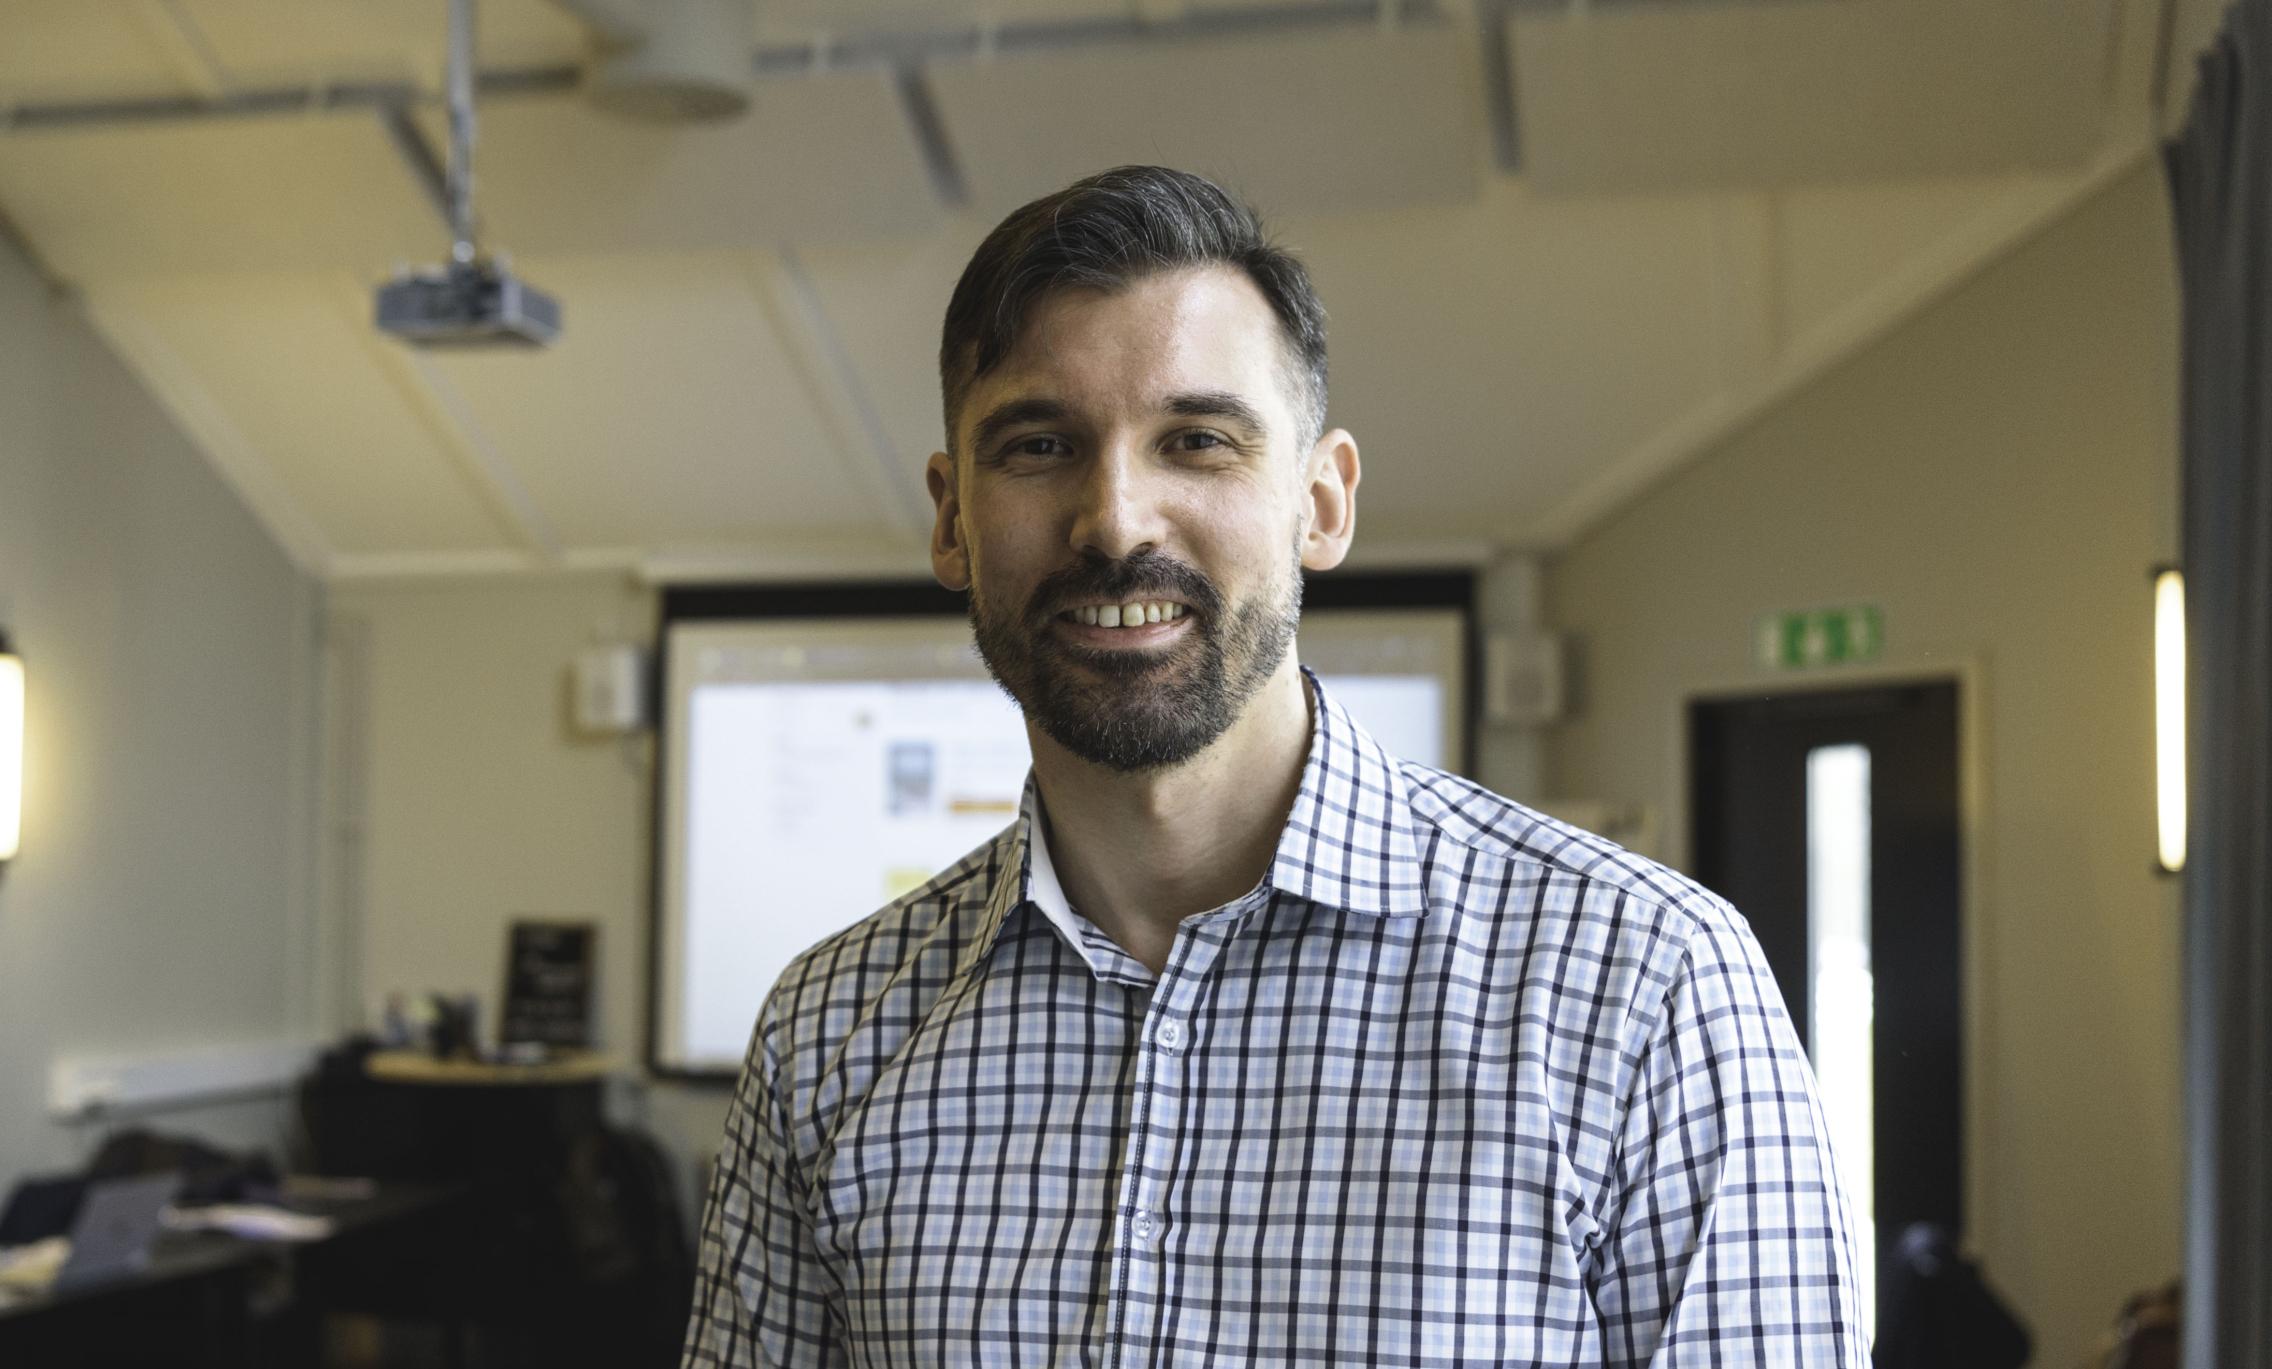 """Leif Denti, universitetslektor och innovationspsykolog vid Göteborgs universitet, myntade begreppet """"tookig"""" som akronym för den osäkerhet som många organisationer upplever.Foto Hampus Apelqvist."""